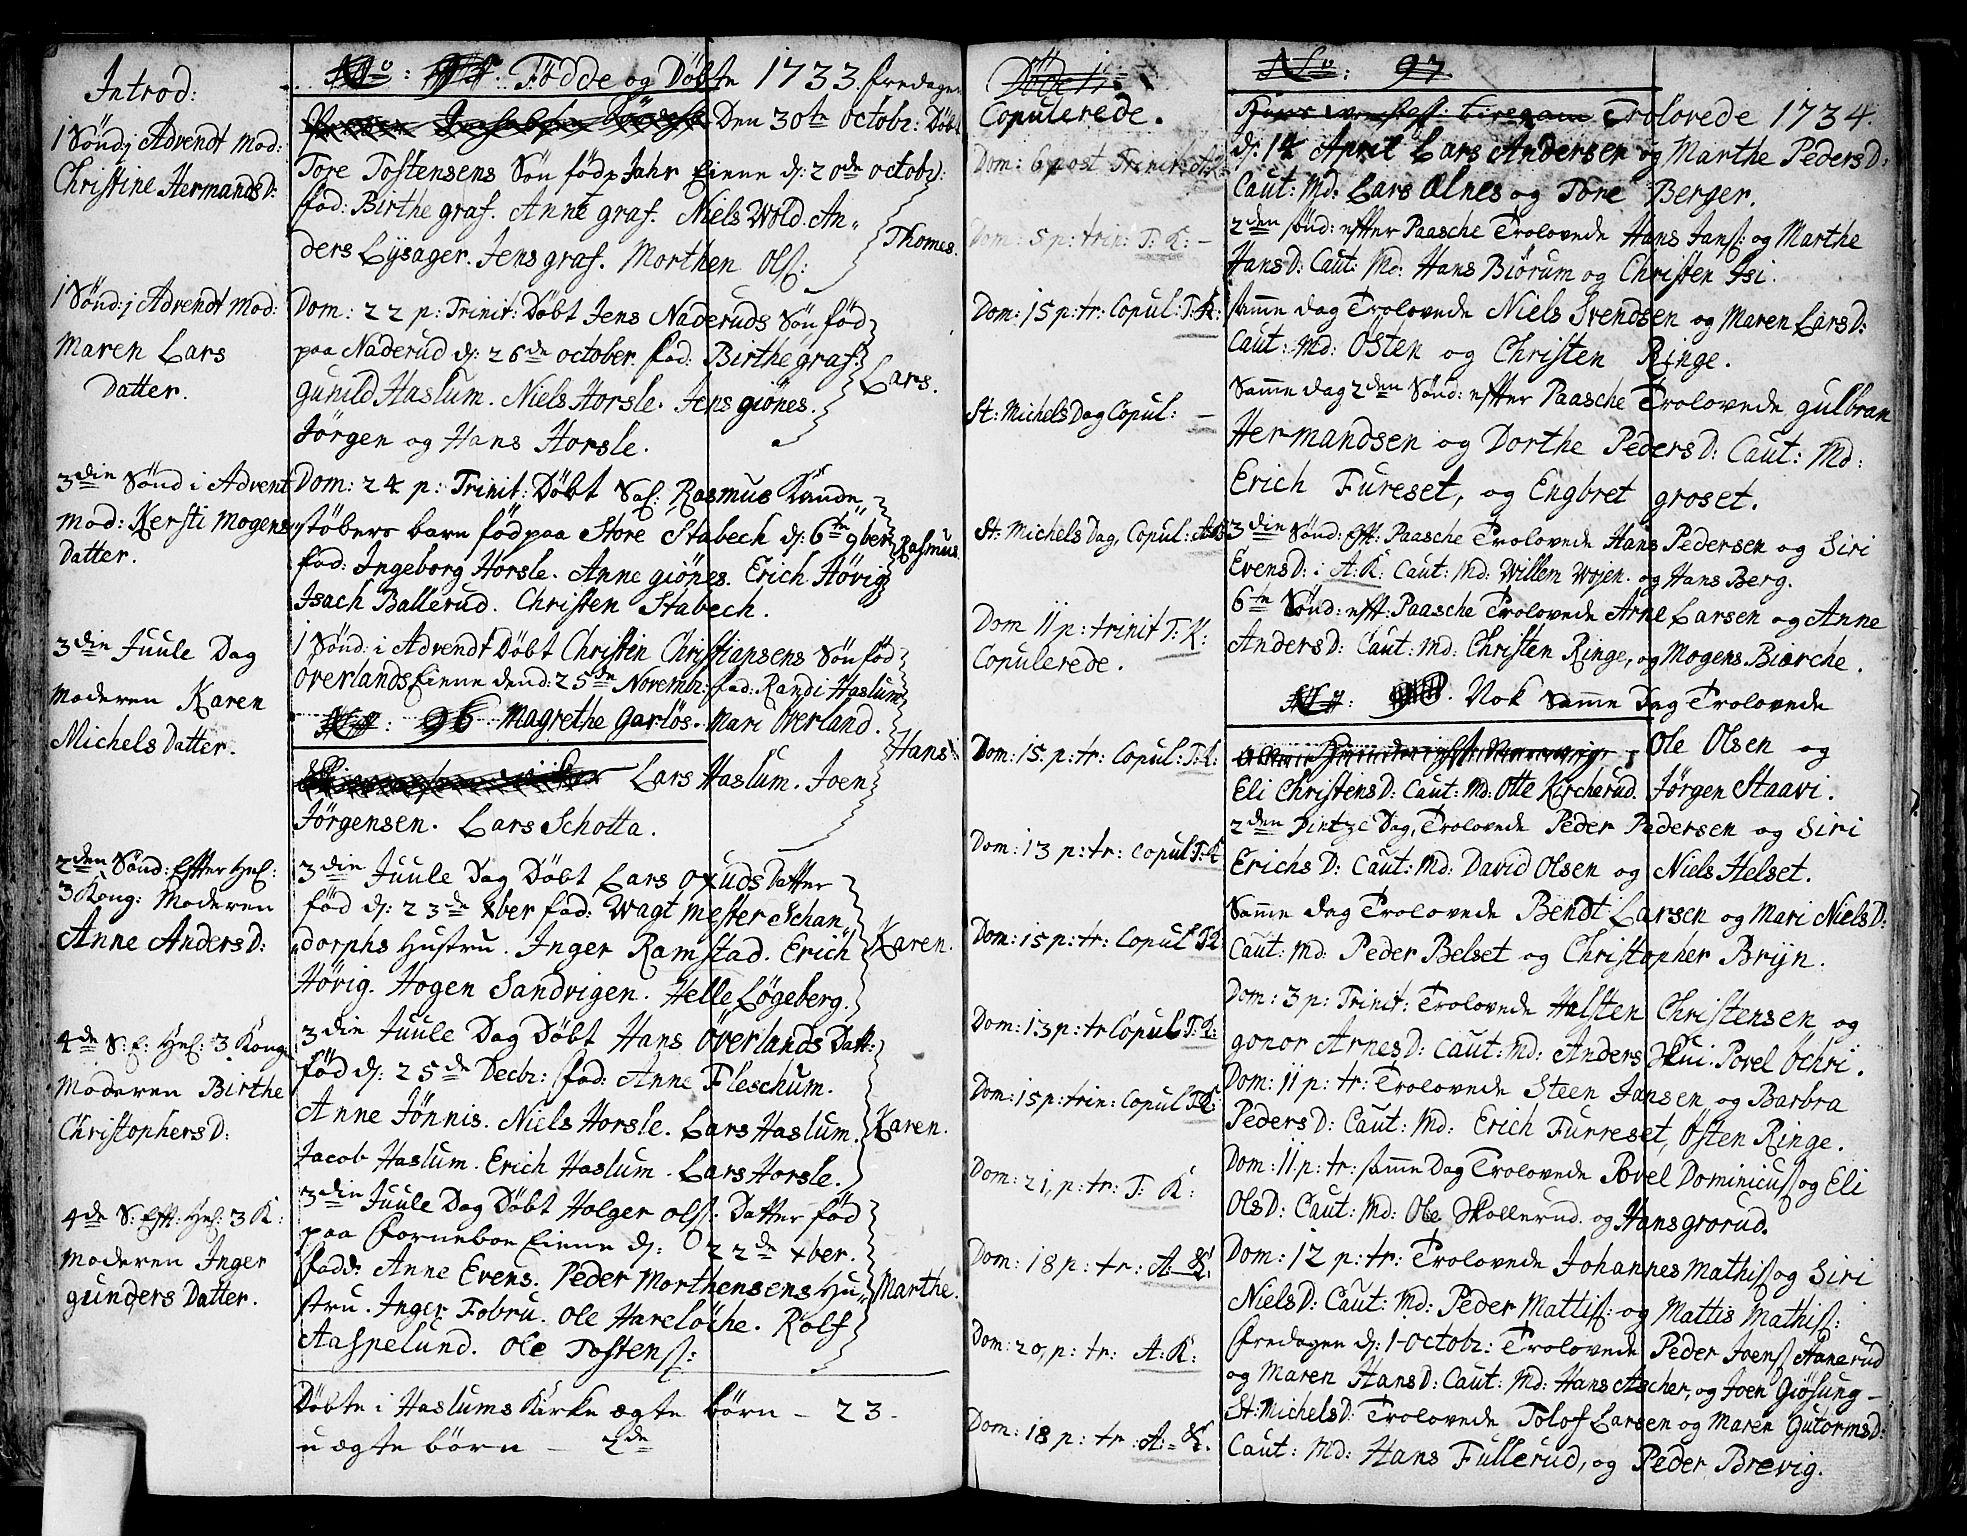 SAO, Asker prestekontor Kirkebøker, F/Fa/L0001: Ministerialbok nr. I 1, 1726-1744, s. 27